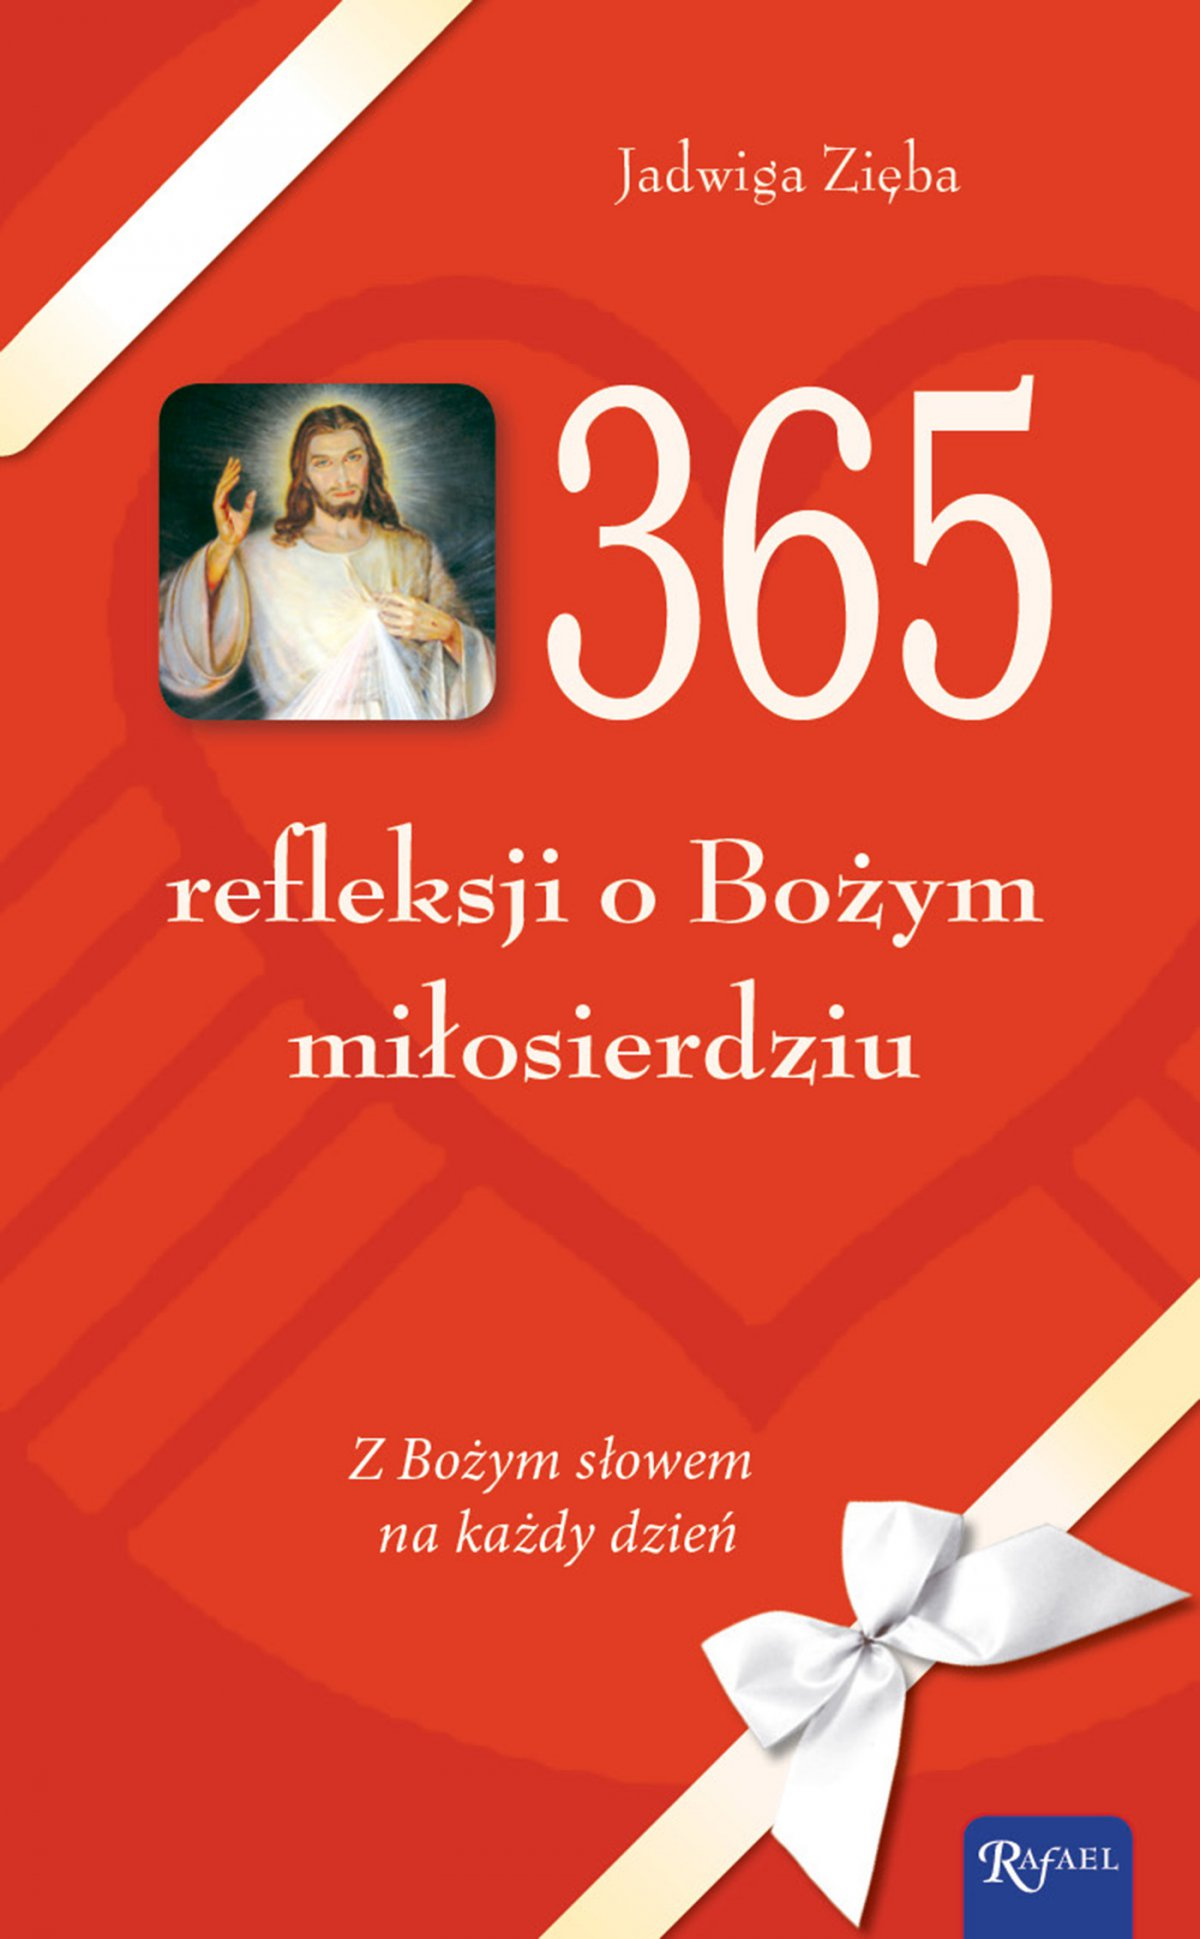 365 refleksji o Bożym miłosierdziu. Z Bożym słowem na każdy dzień - Ebook (Książka PDF) do pobrania w formacie PDF